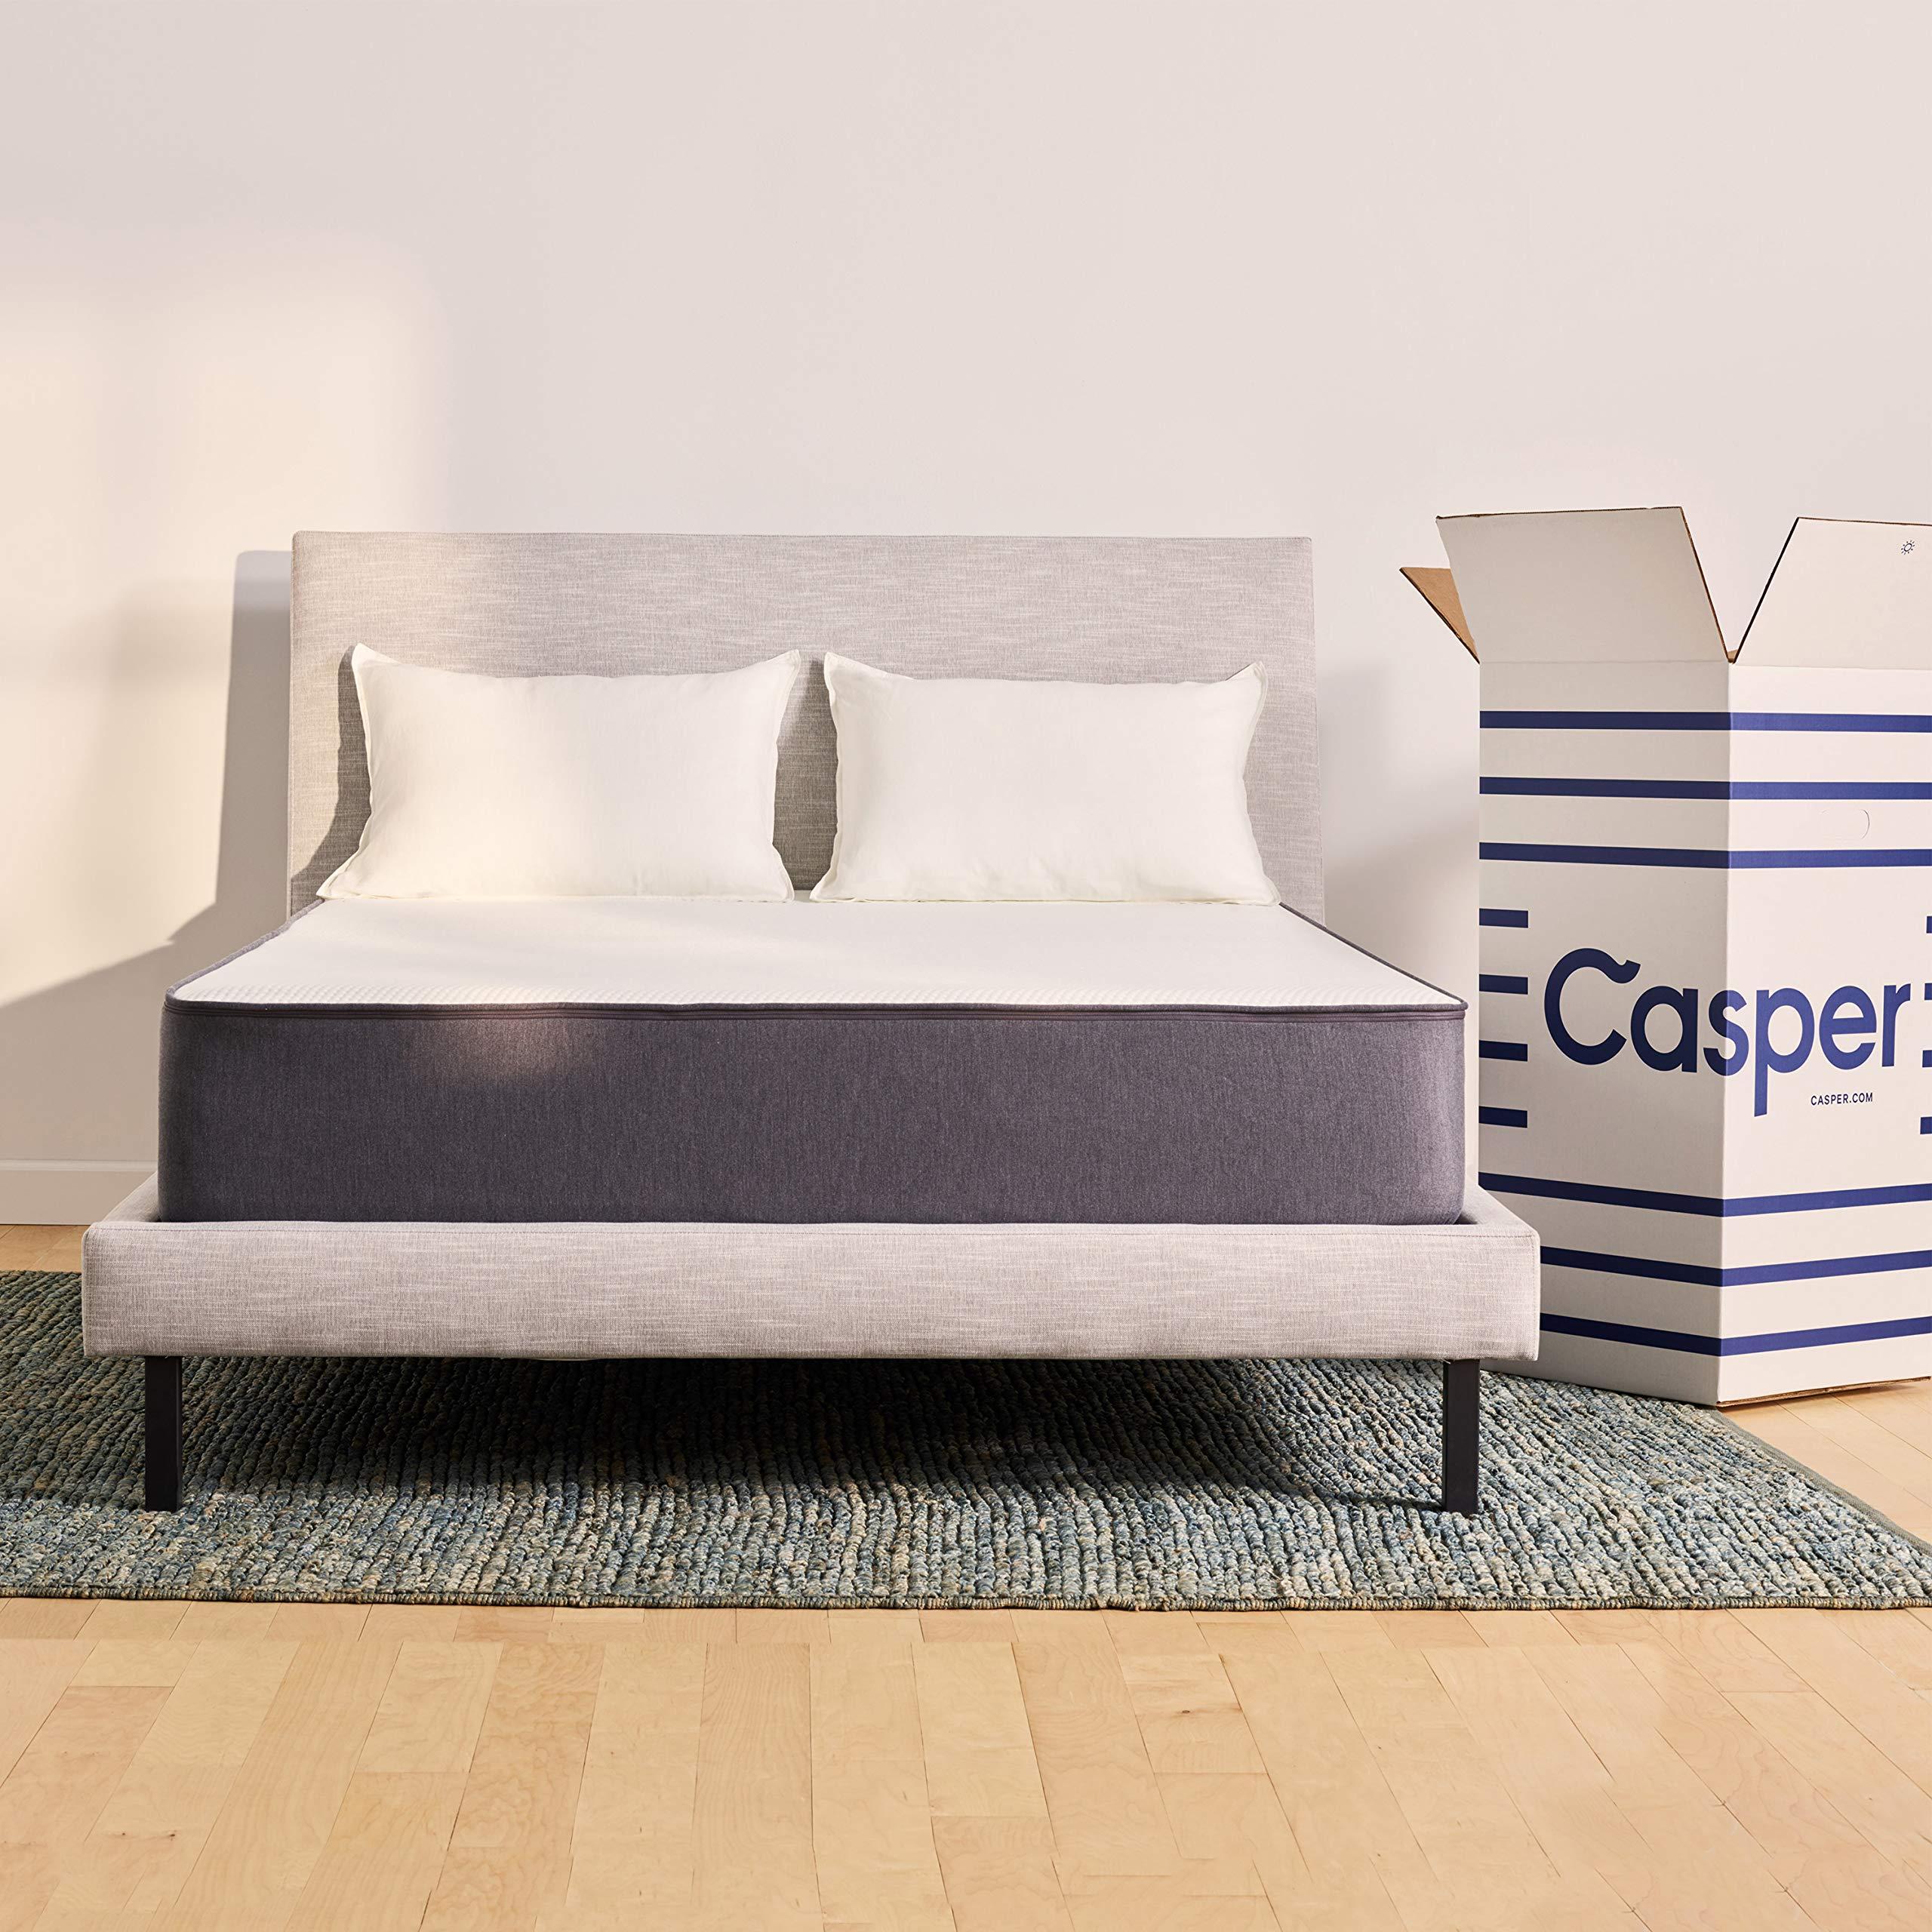 Casper Sleep Foam Mattress, Queen 12'' by Casper Sleep